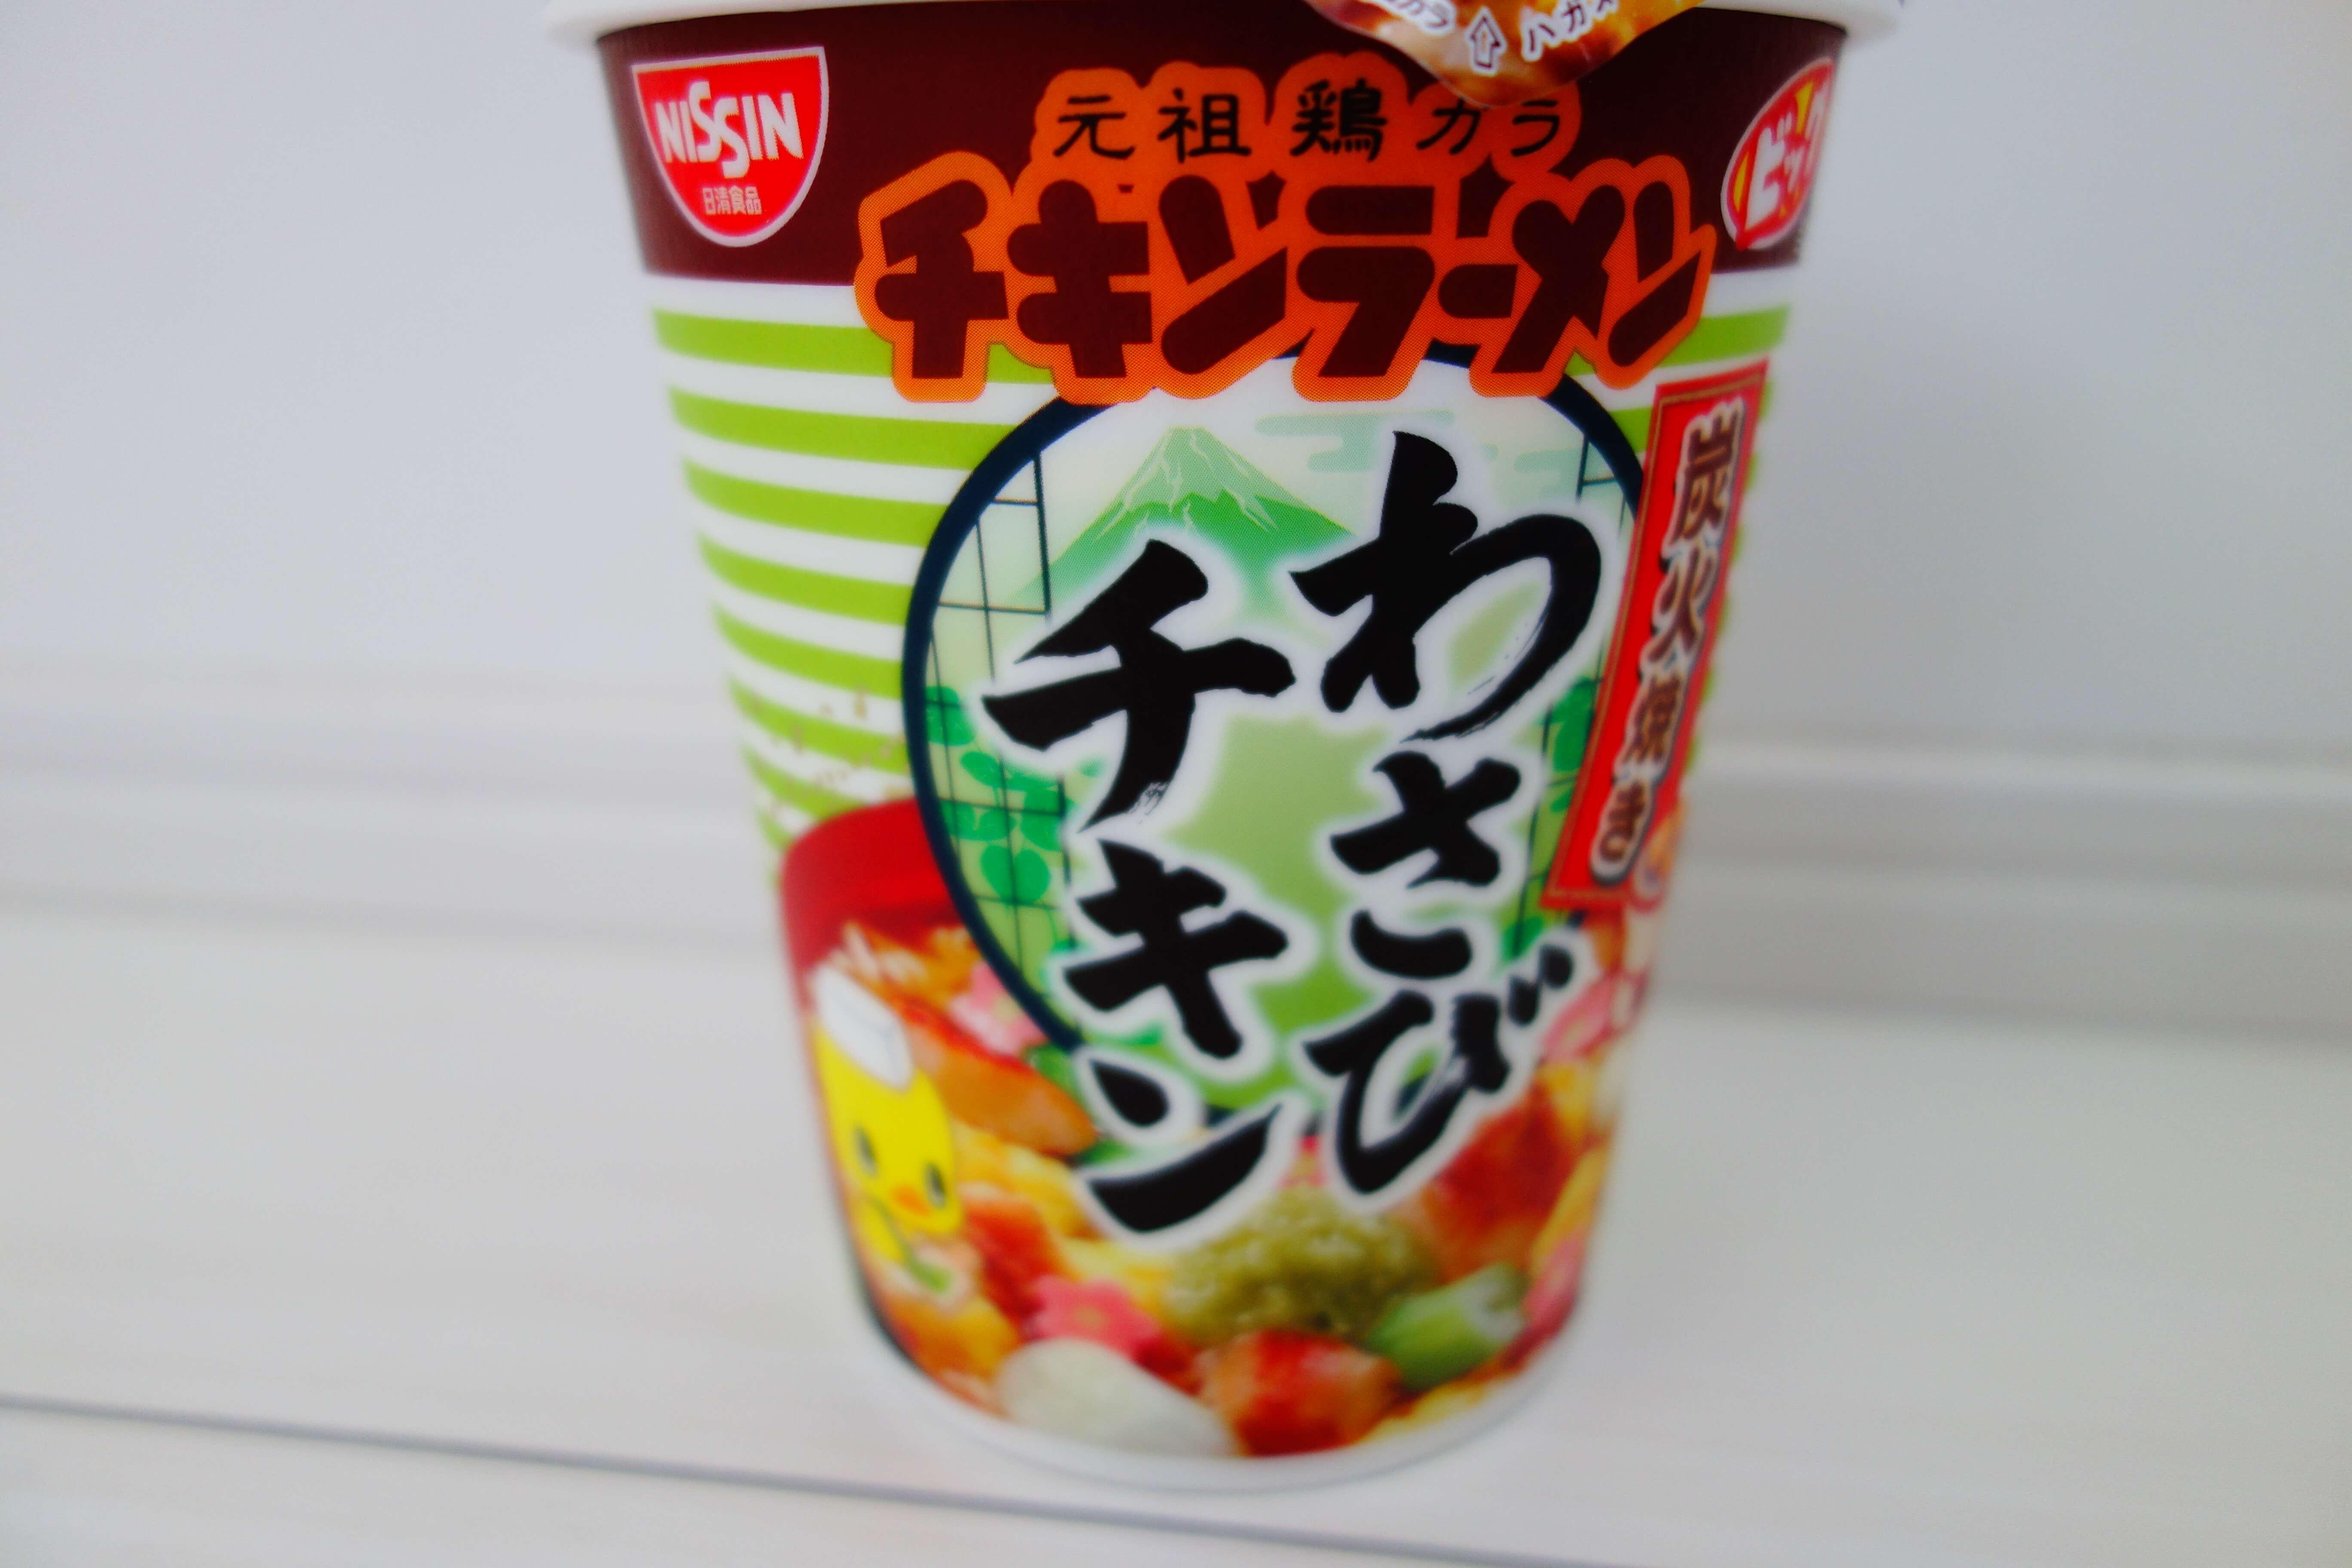 【5月14日発売】チキンラーメンビッグカップ わさびチキンを食してみた!